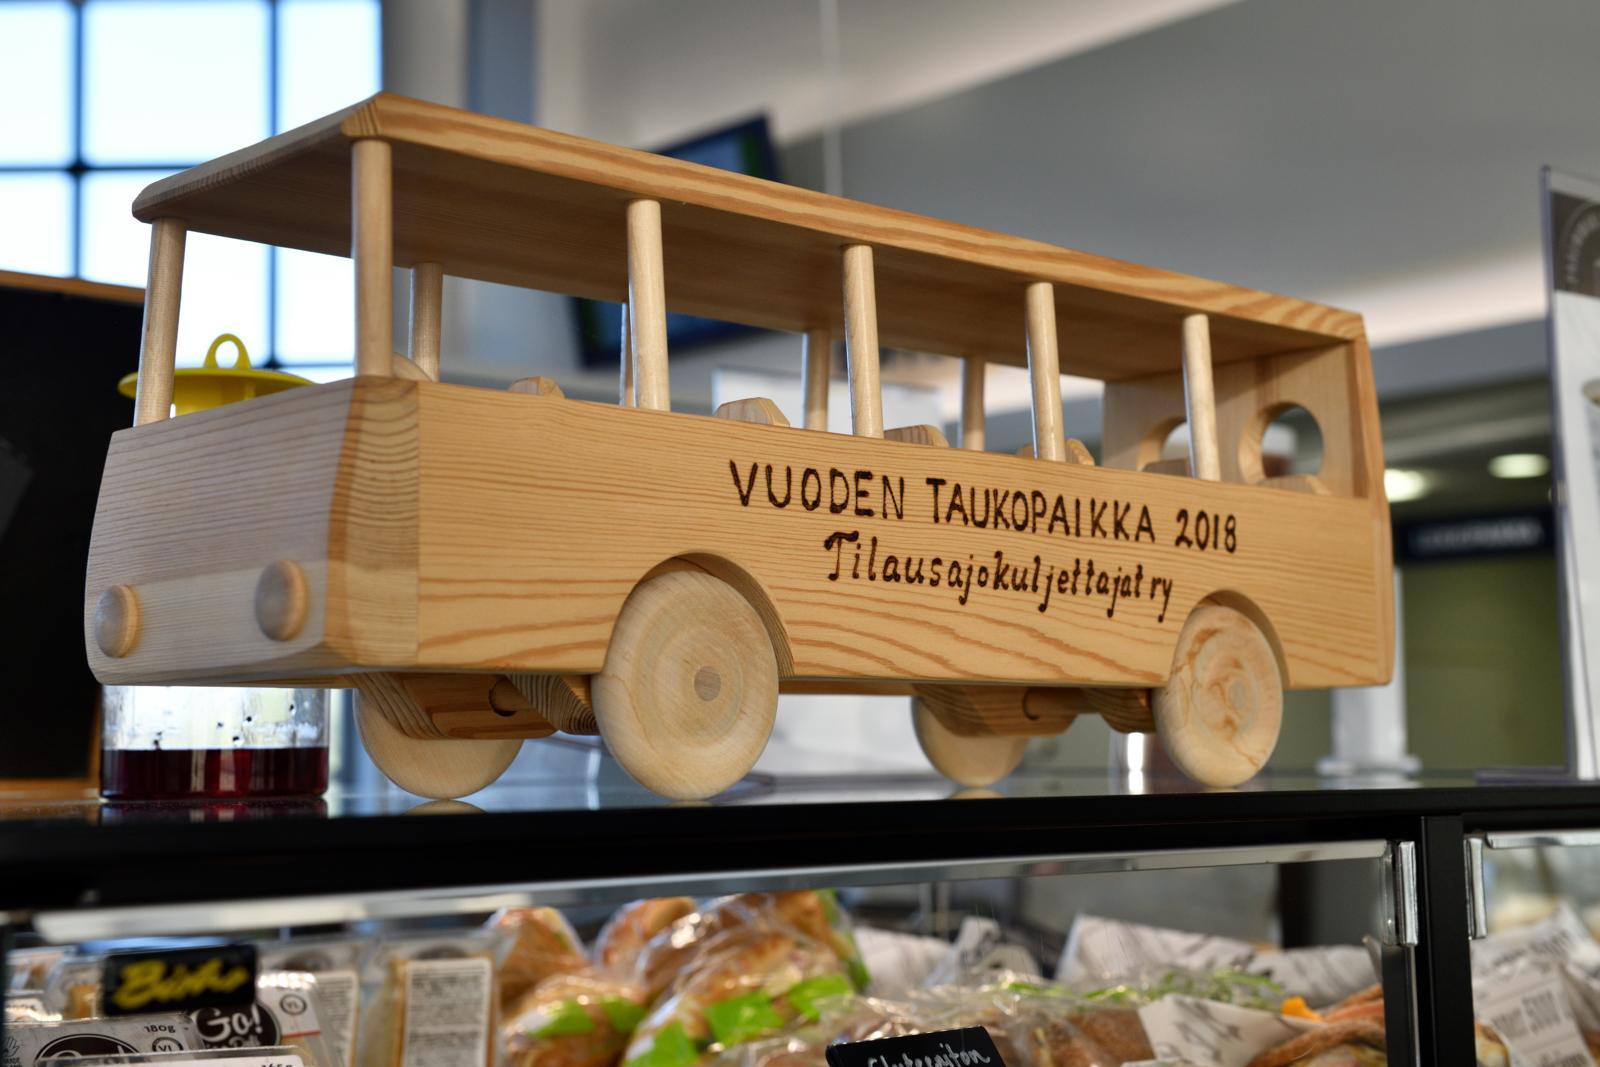 Suomen tilausajokuljattajat ry valitsi Linnatuulen vuoden 2018 parhaaksi taukopaikaksi. Kuva: Harri Nurminen